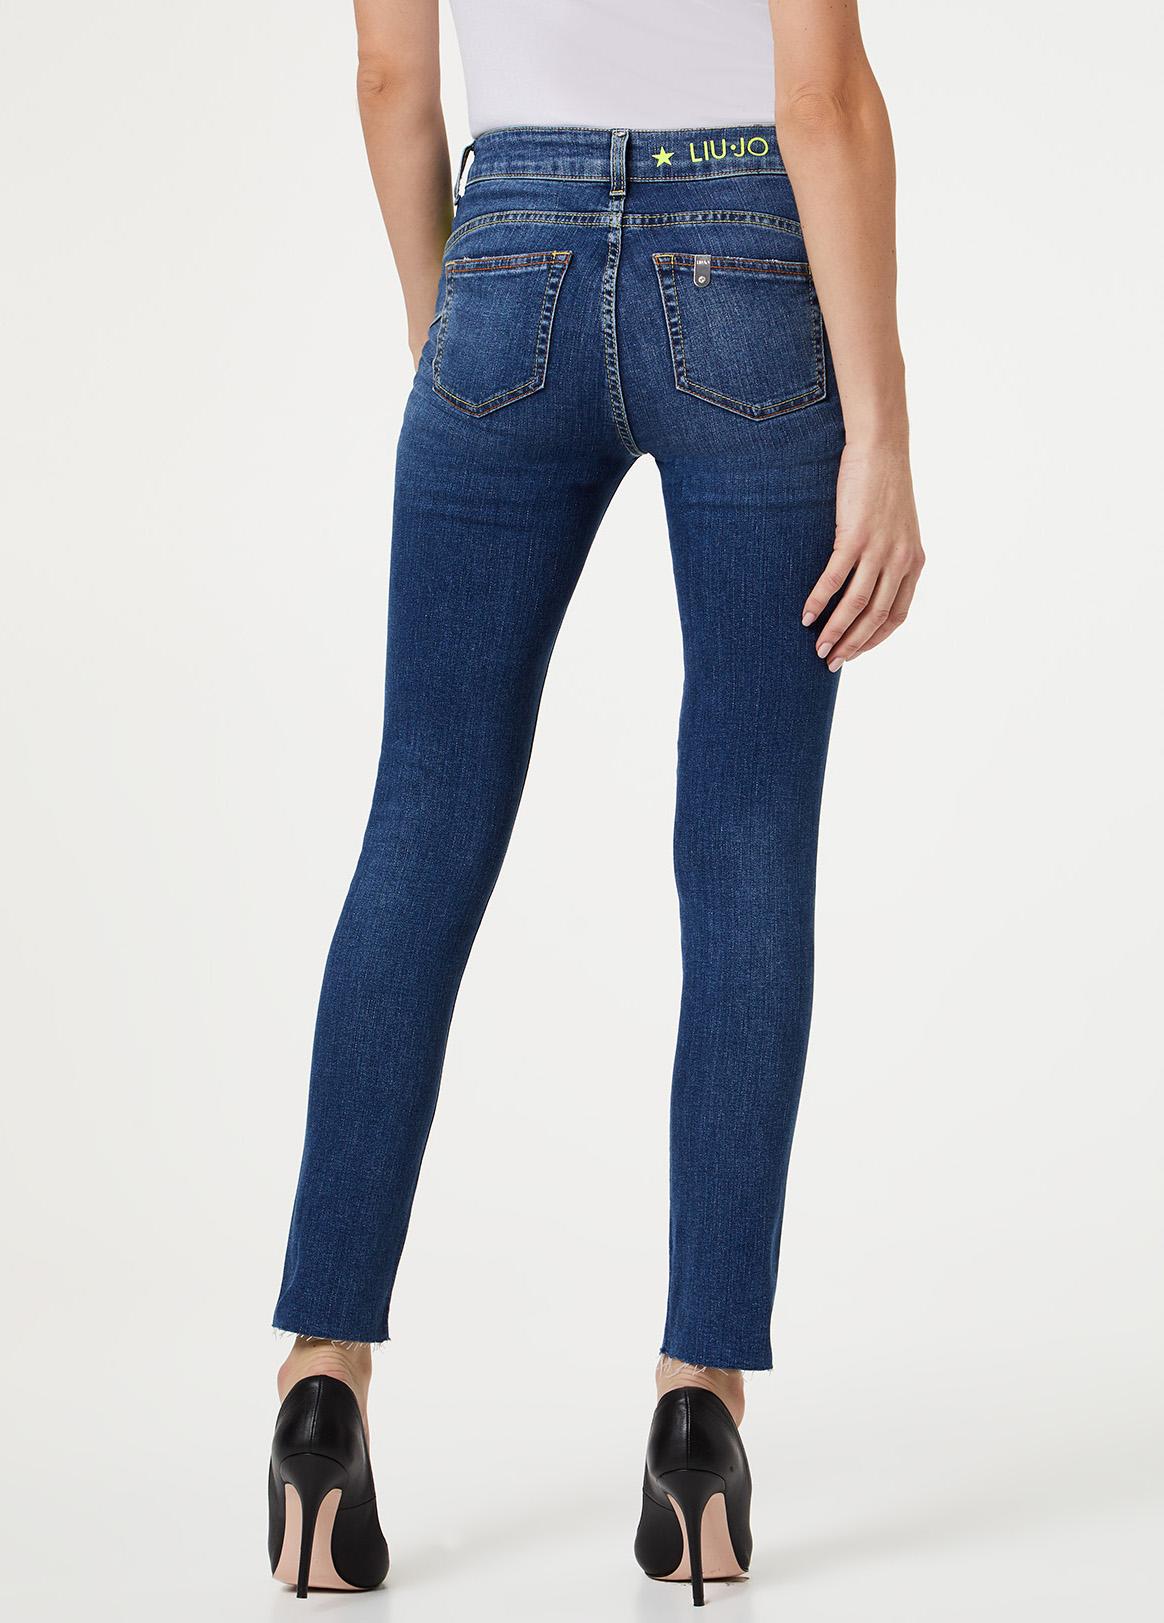 Der Name ist Programm: Liu Jo Jeans bietet erstklassige Hosen für Frauen